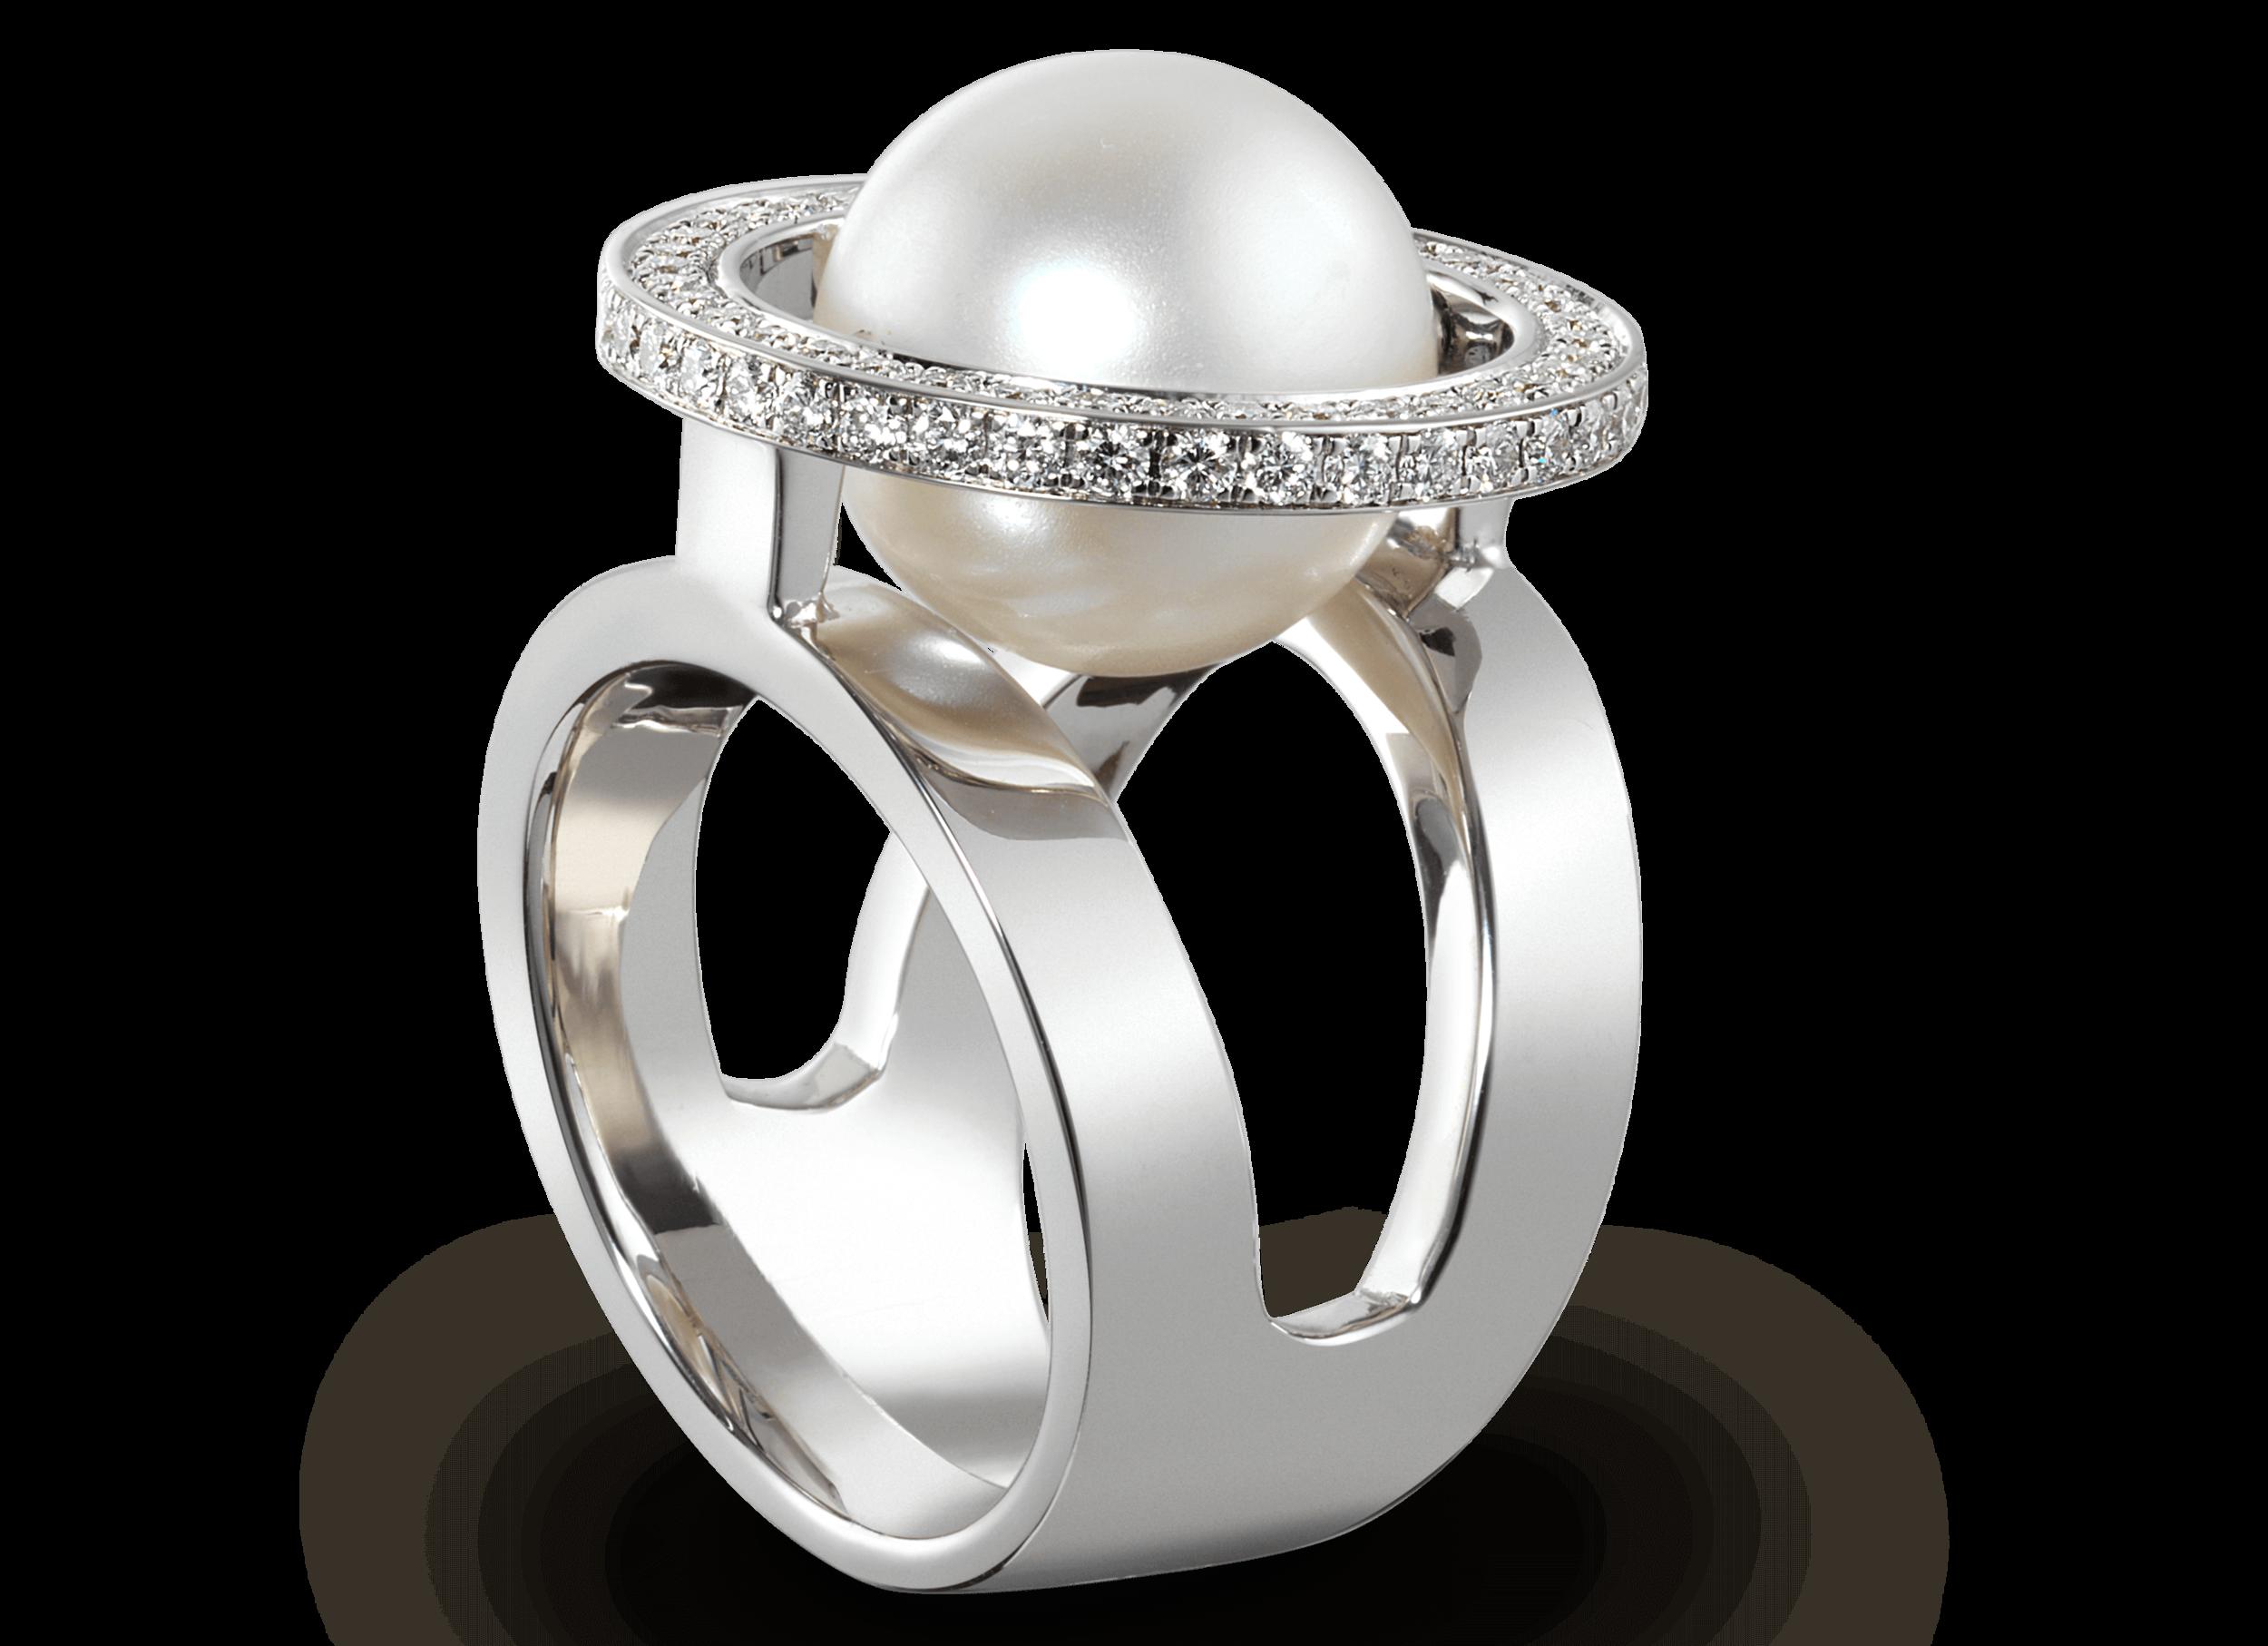 Bague Mamona - Or blanc, perle des mers du Sud Ø 12,2 mm et pavage de 38 diamants 0,53 carat6 000 €